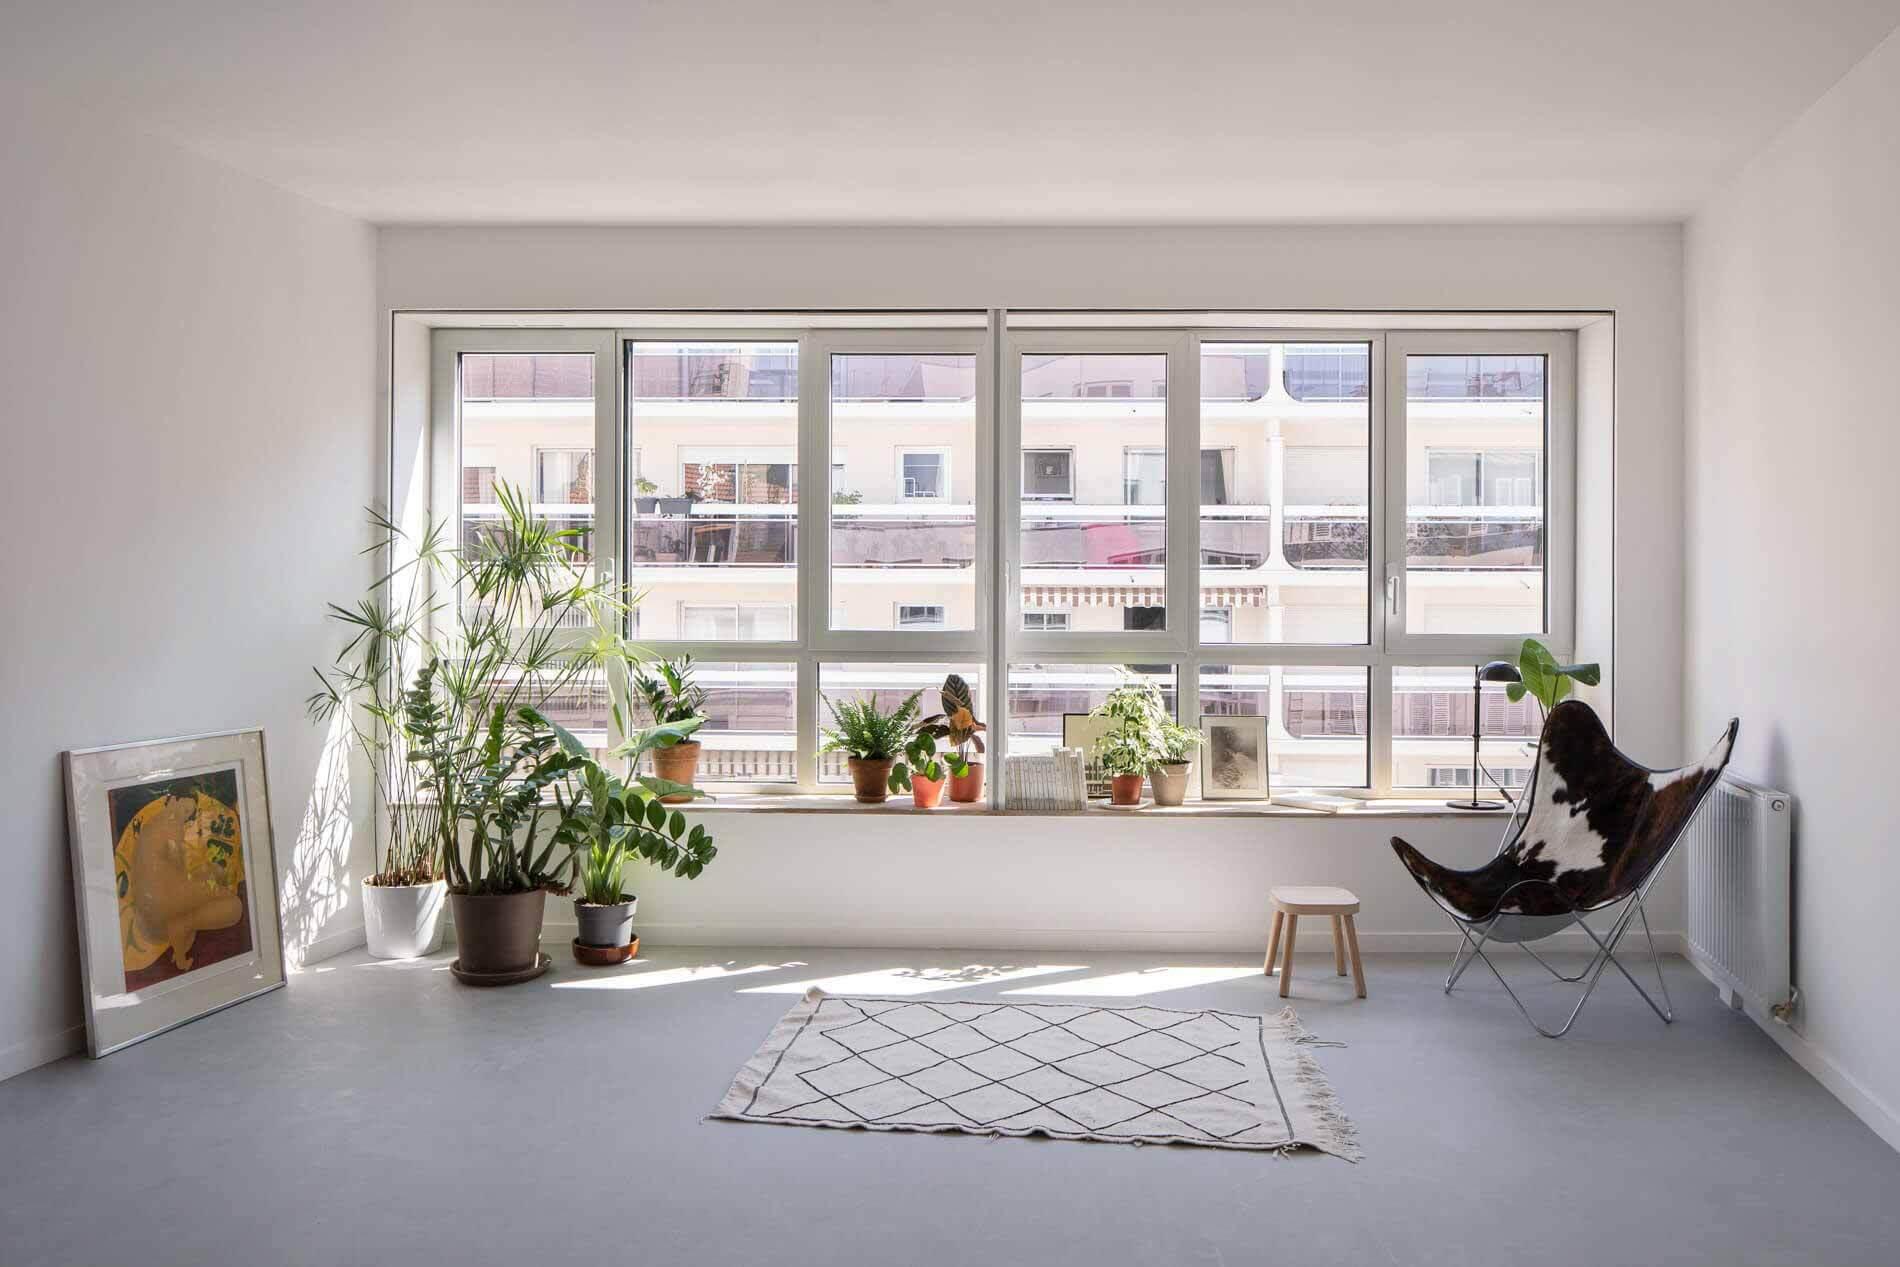 Marx Dormoy Apartments / Barrault Pressacco